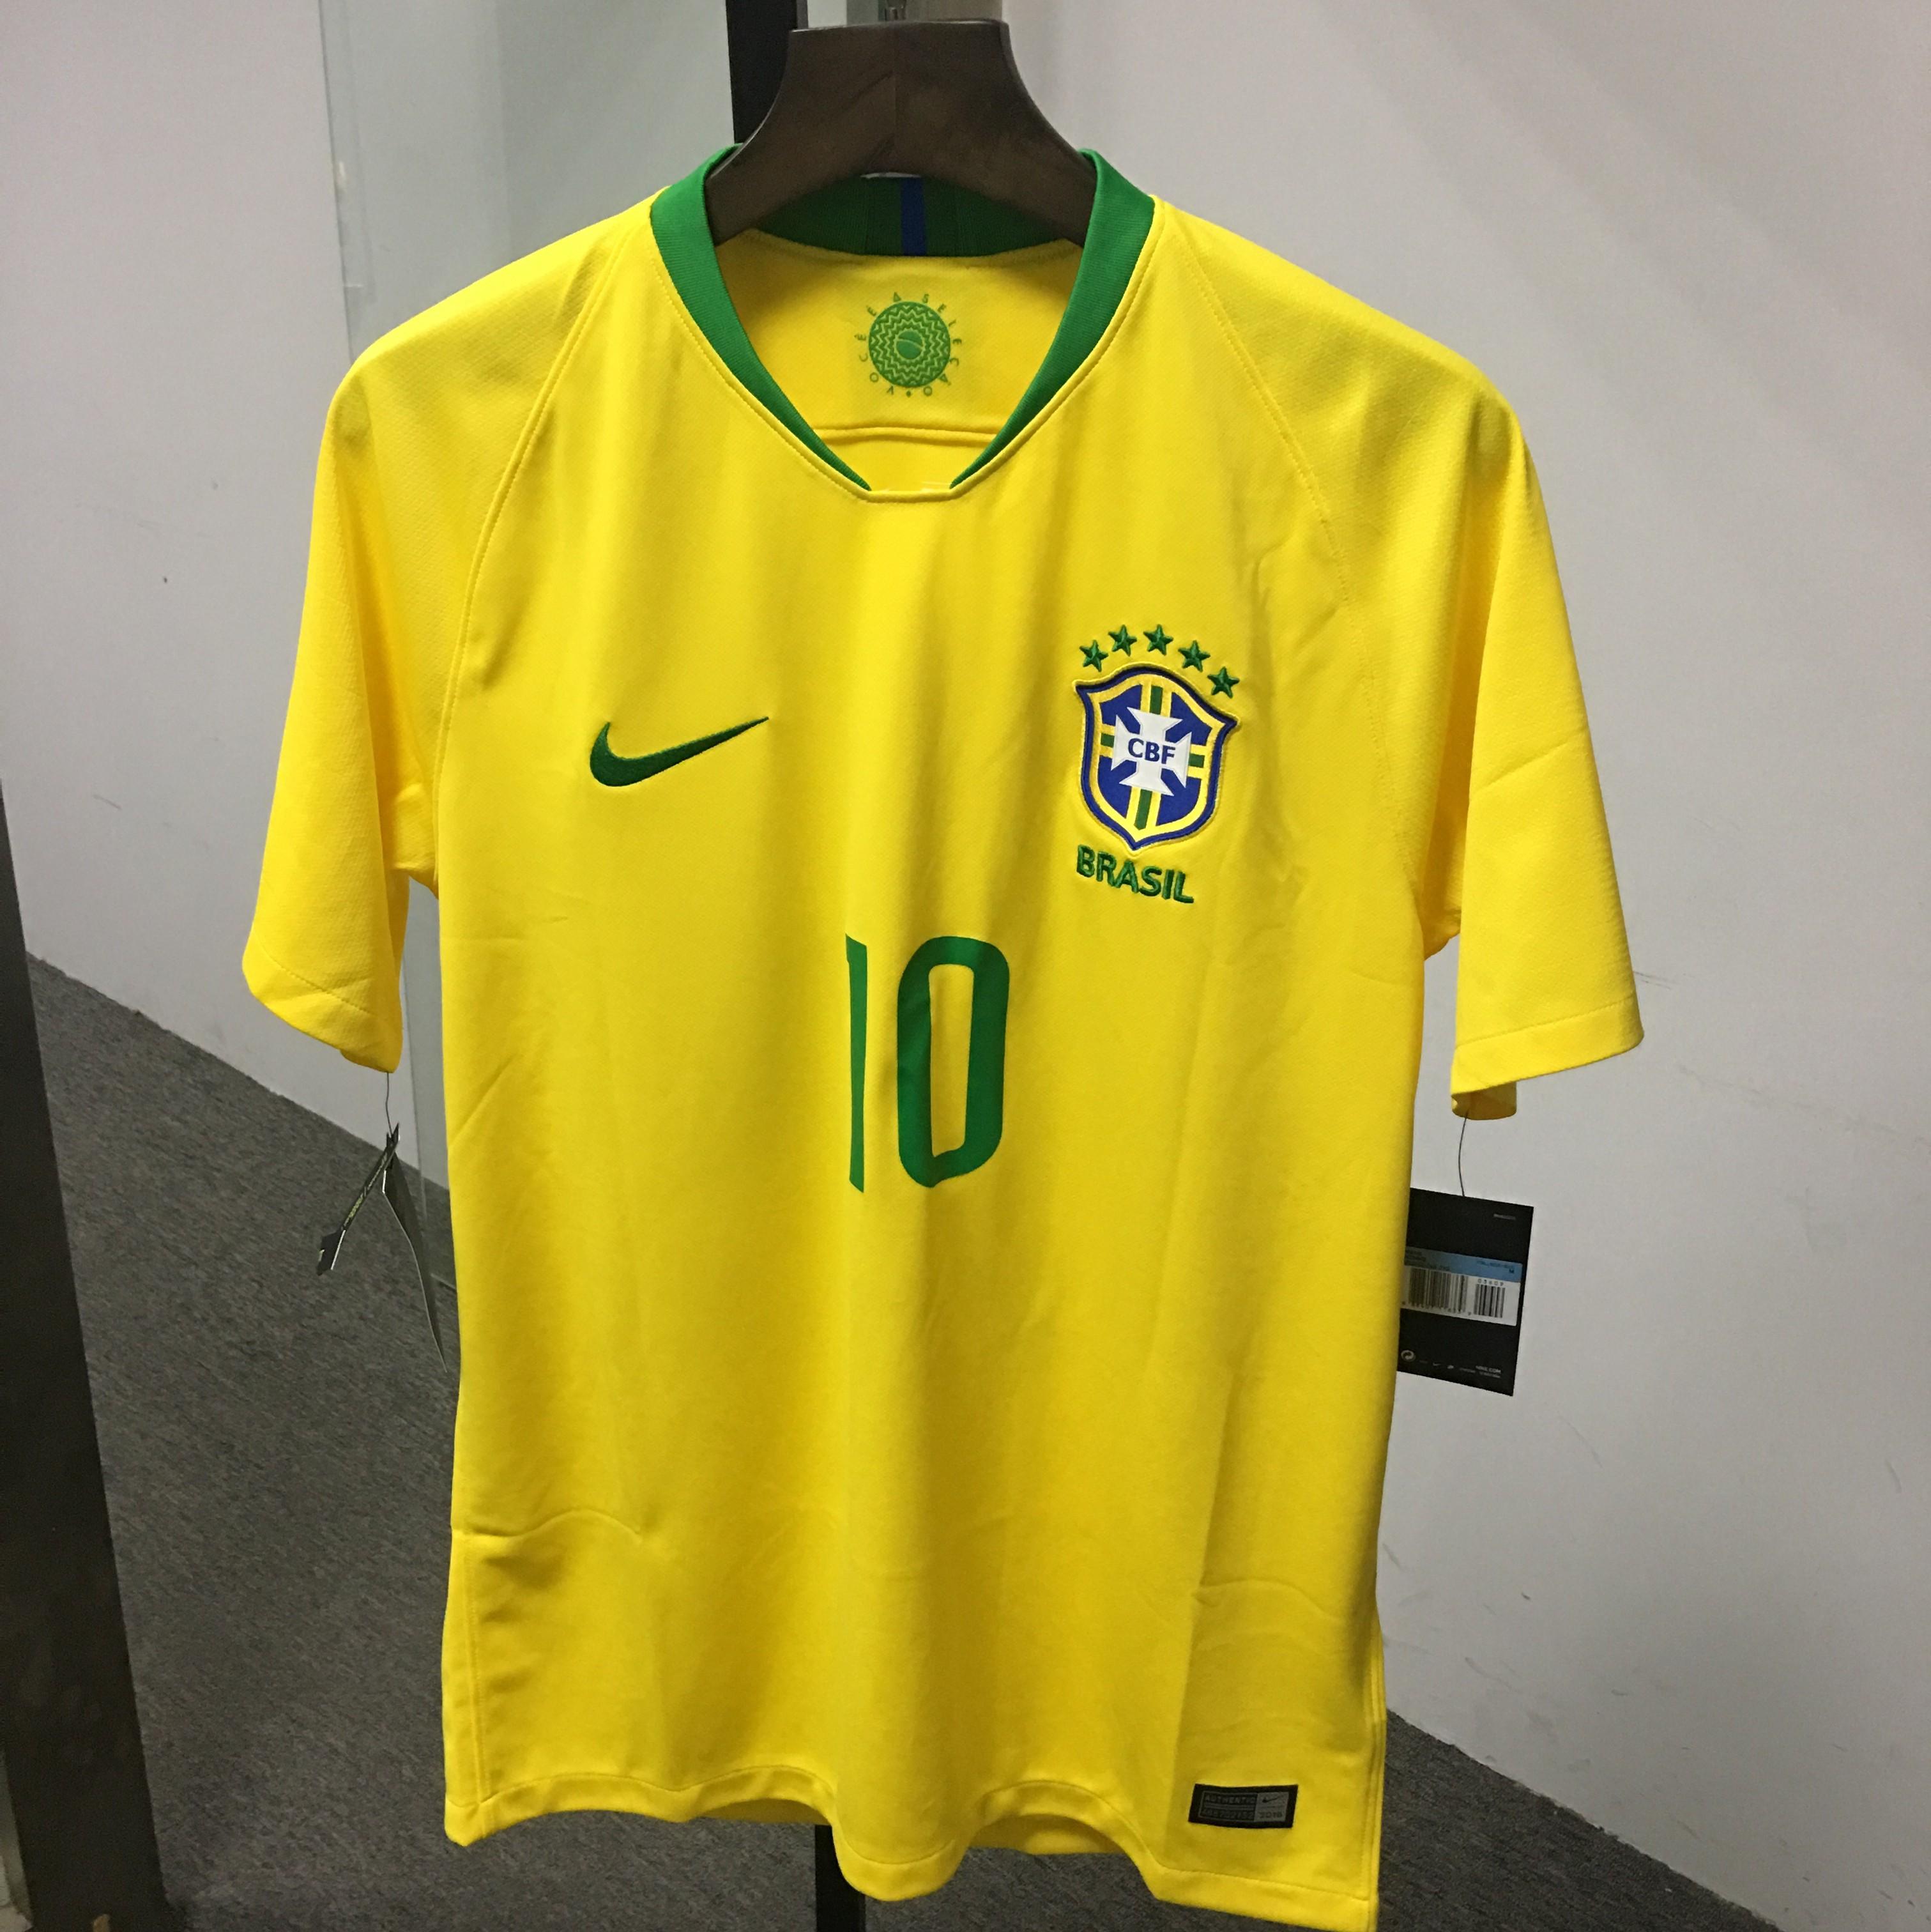 足球球衣批发_马拉加足球俱乐部球衣_葡萄牙足球国家队球衣